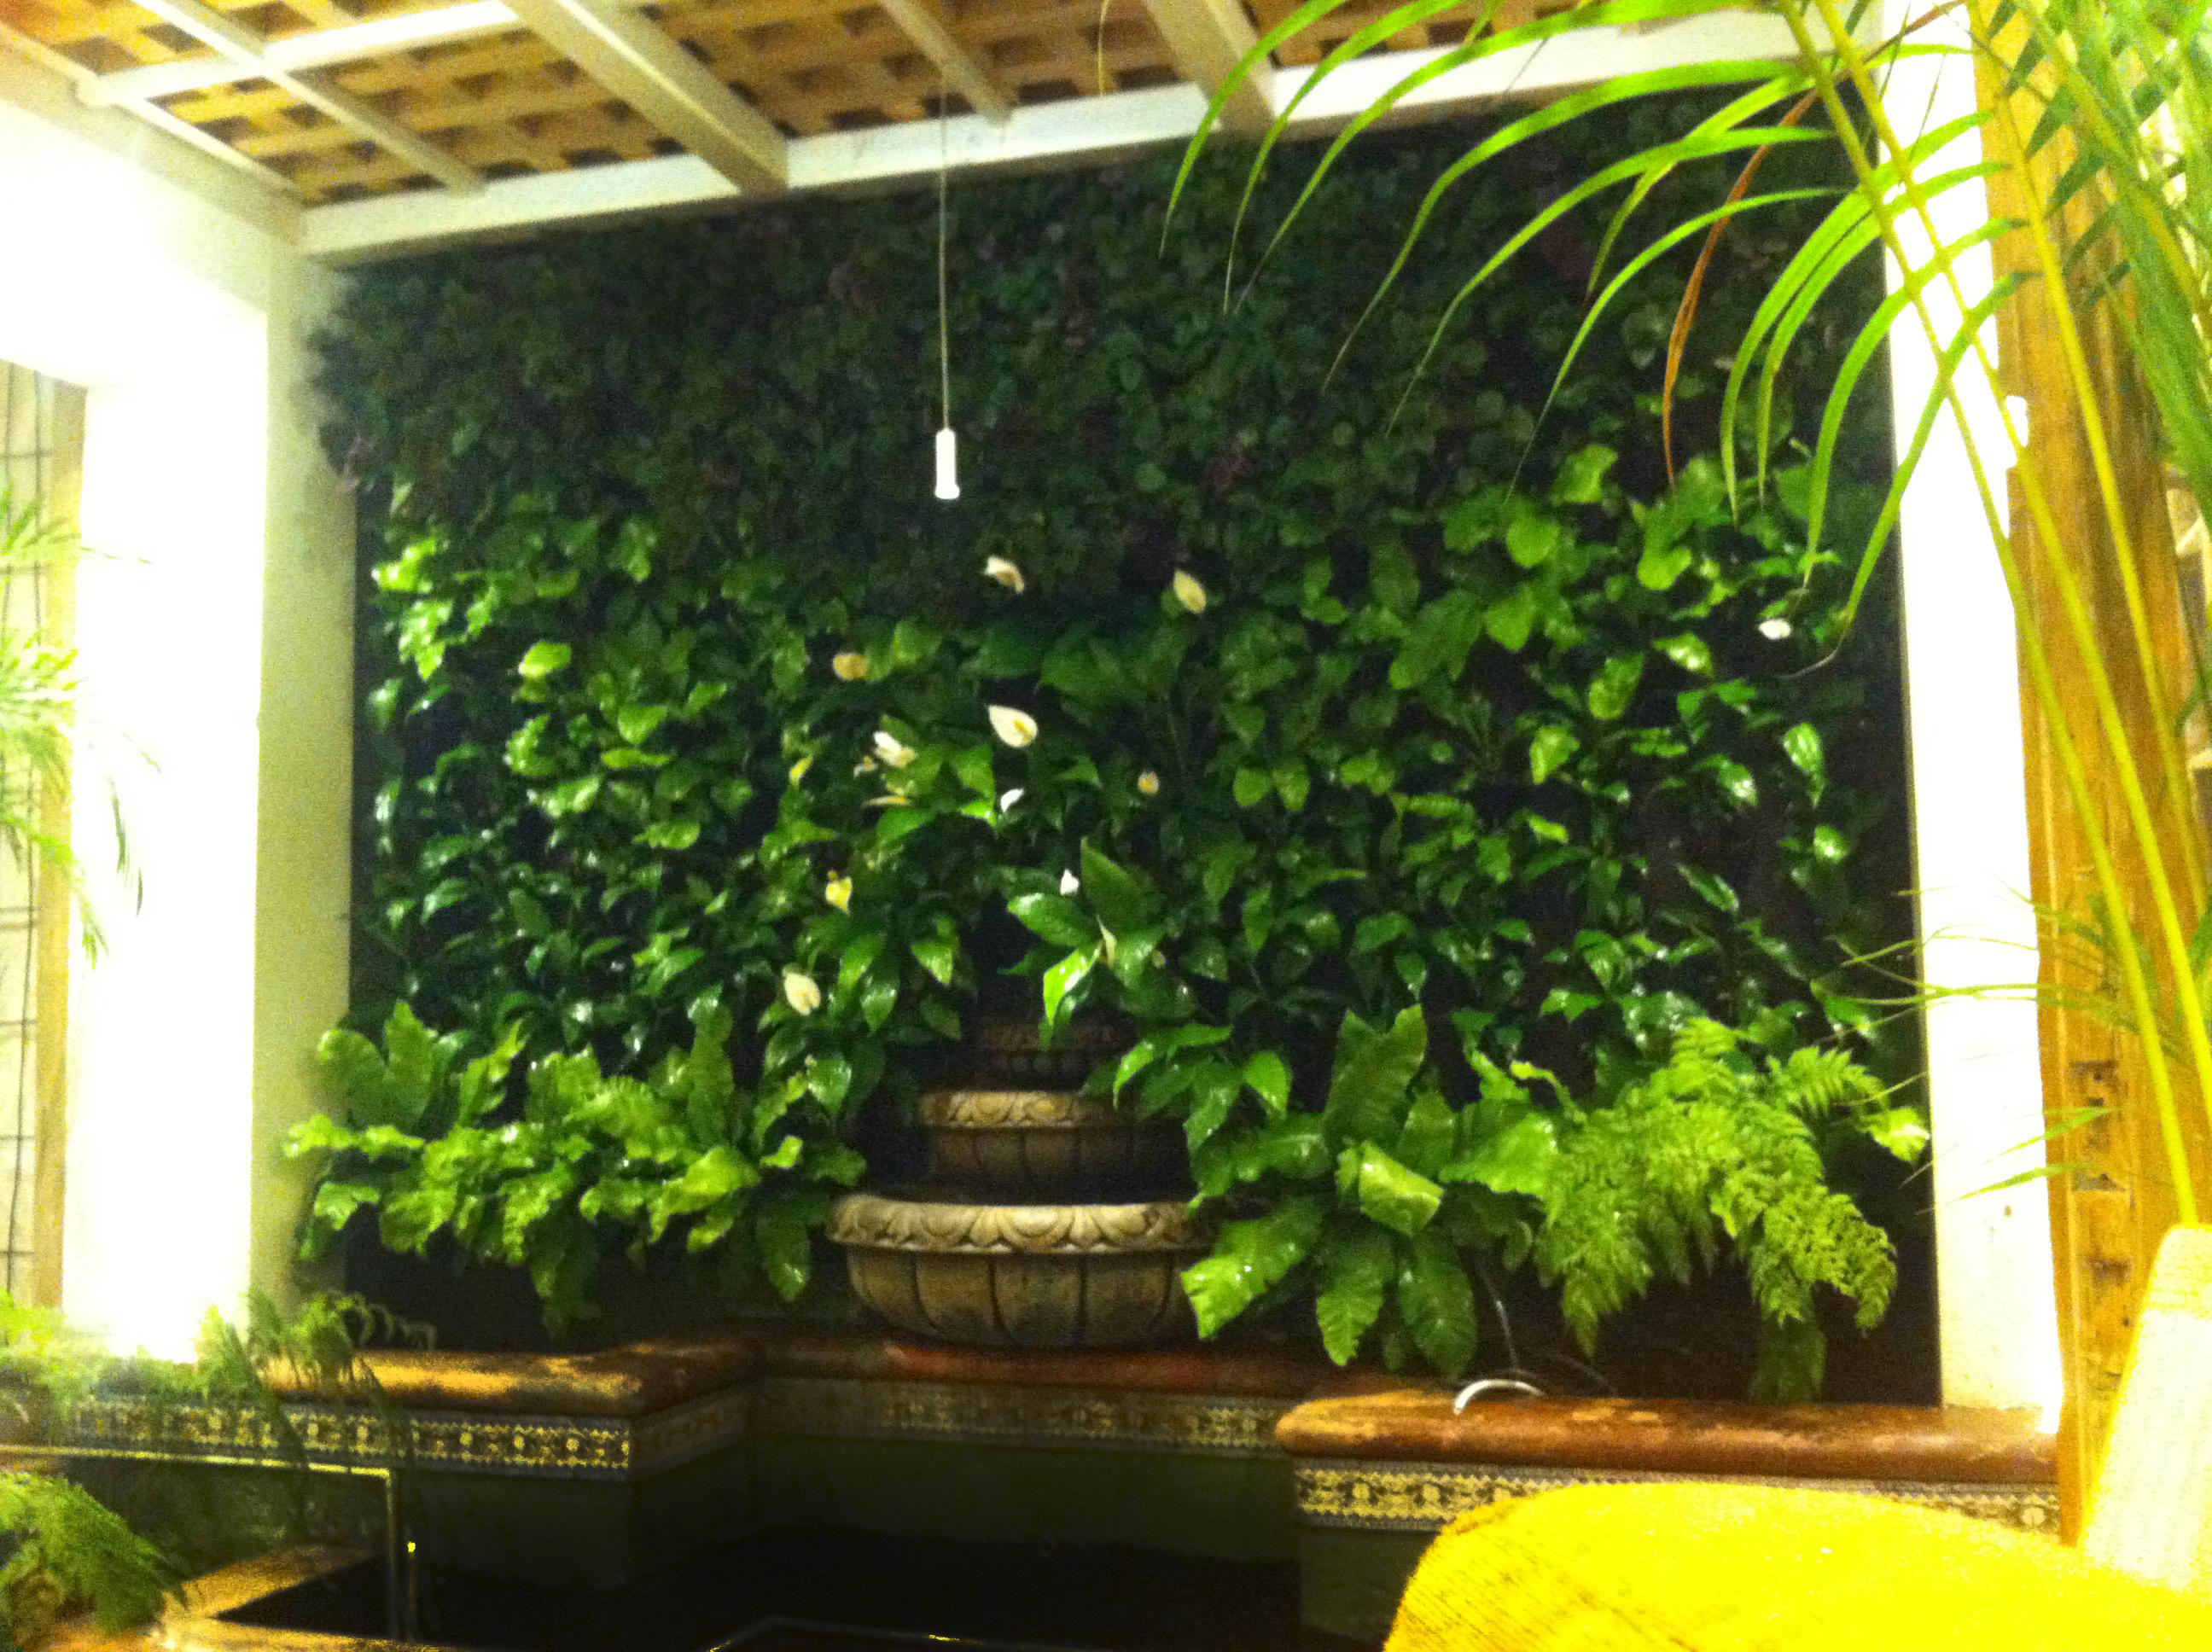 Venta instalaci n y mantenimiento de muros verdes for Diseno de muros verdes